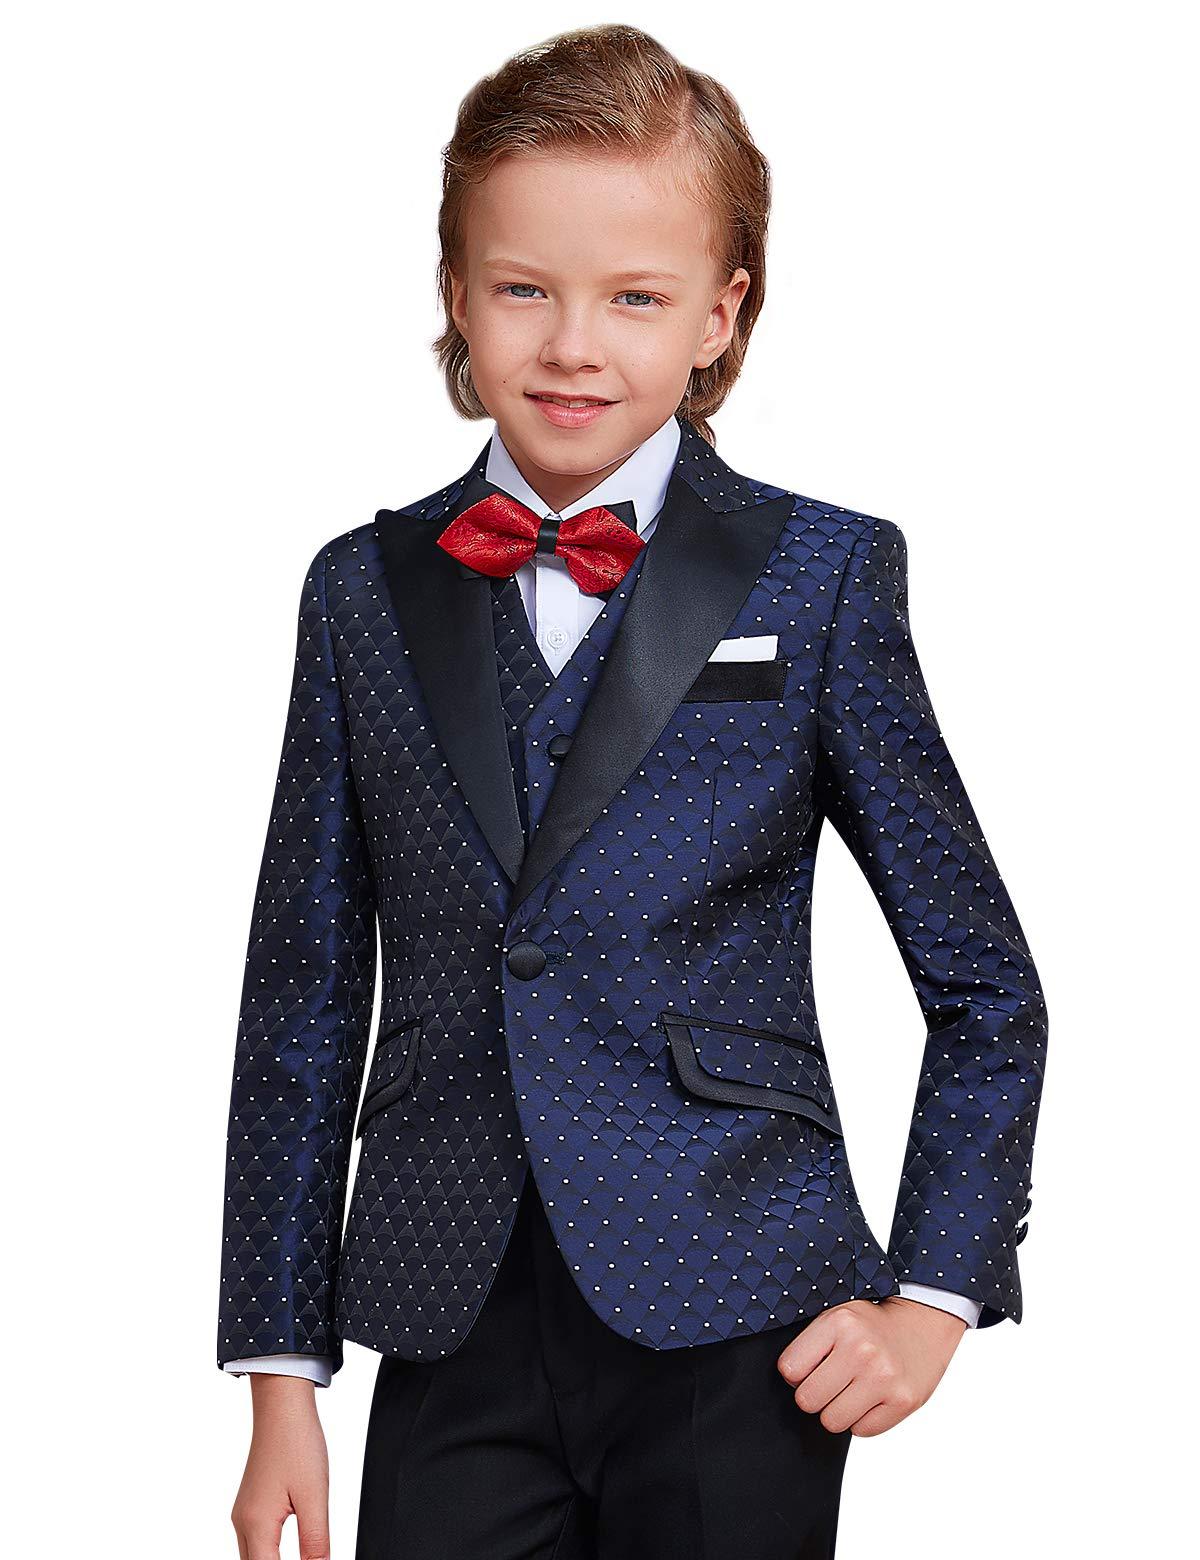 ELPA ELPA Boys Fasion Suits Children's Wave Point Slim Fit Suit 6 Pieces for Festival Show Performance